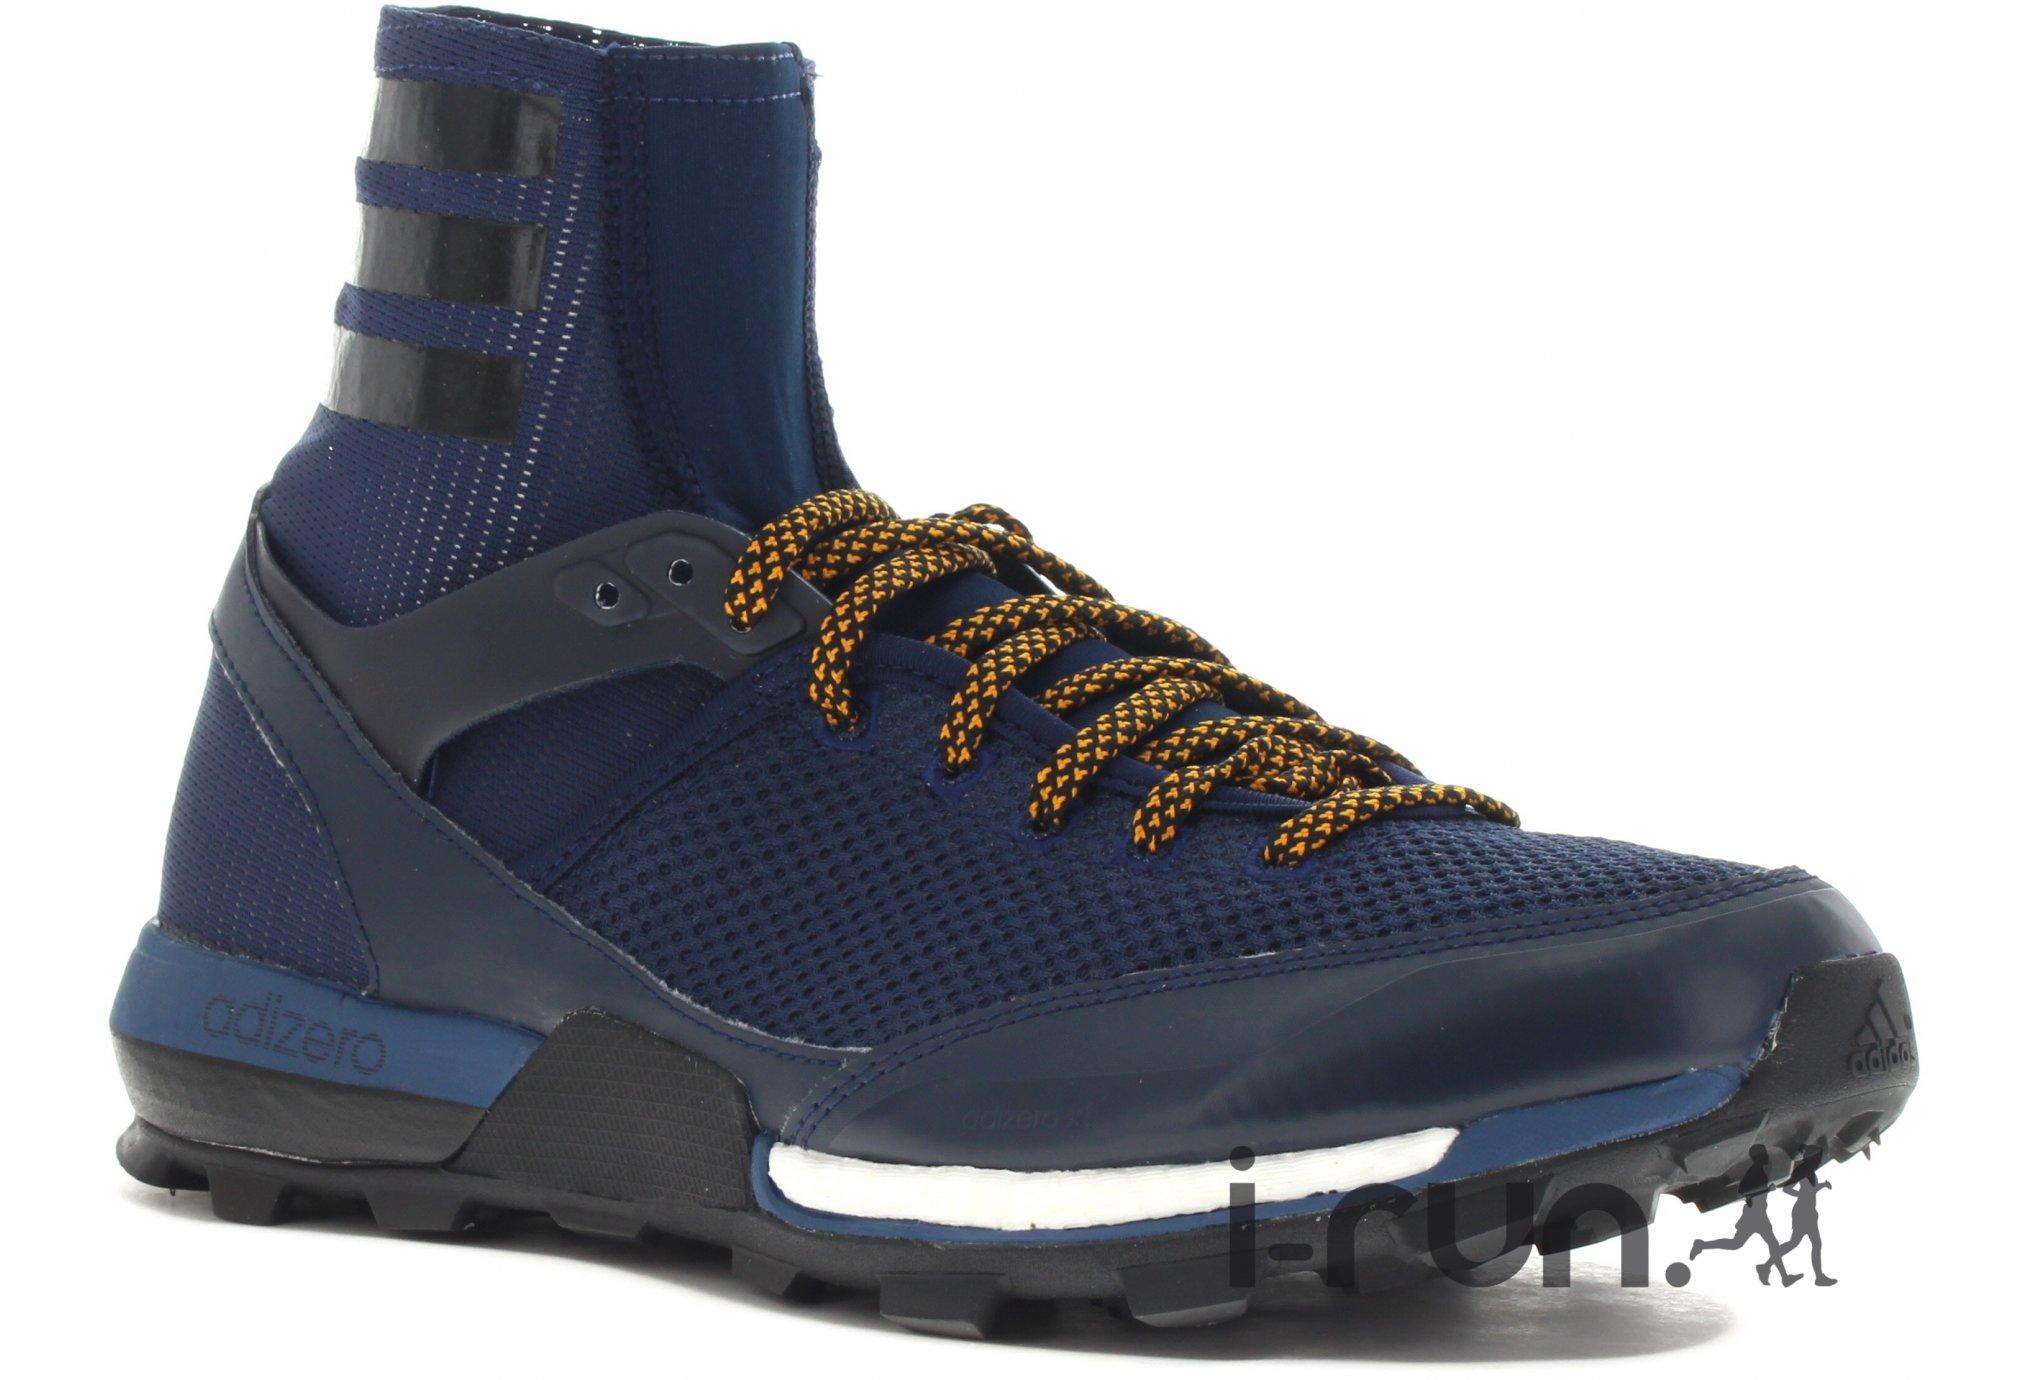 Adidas Adizero xt boost m diététique chaussures homme